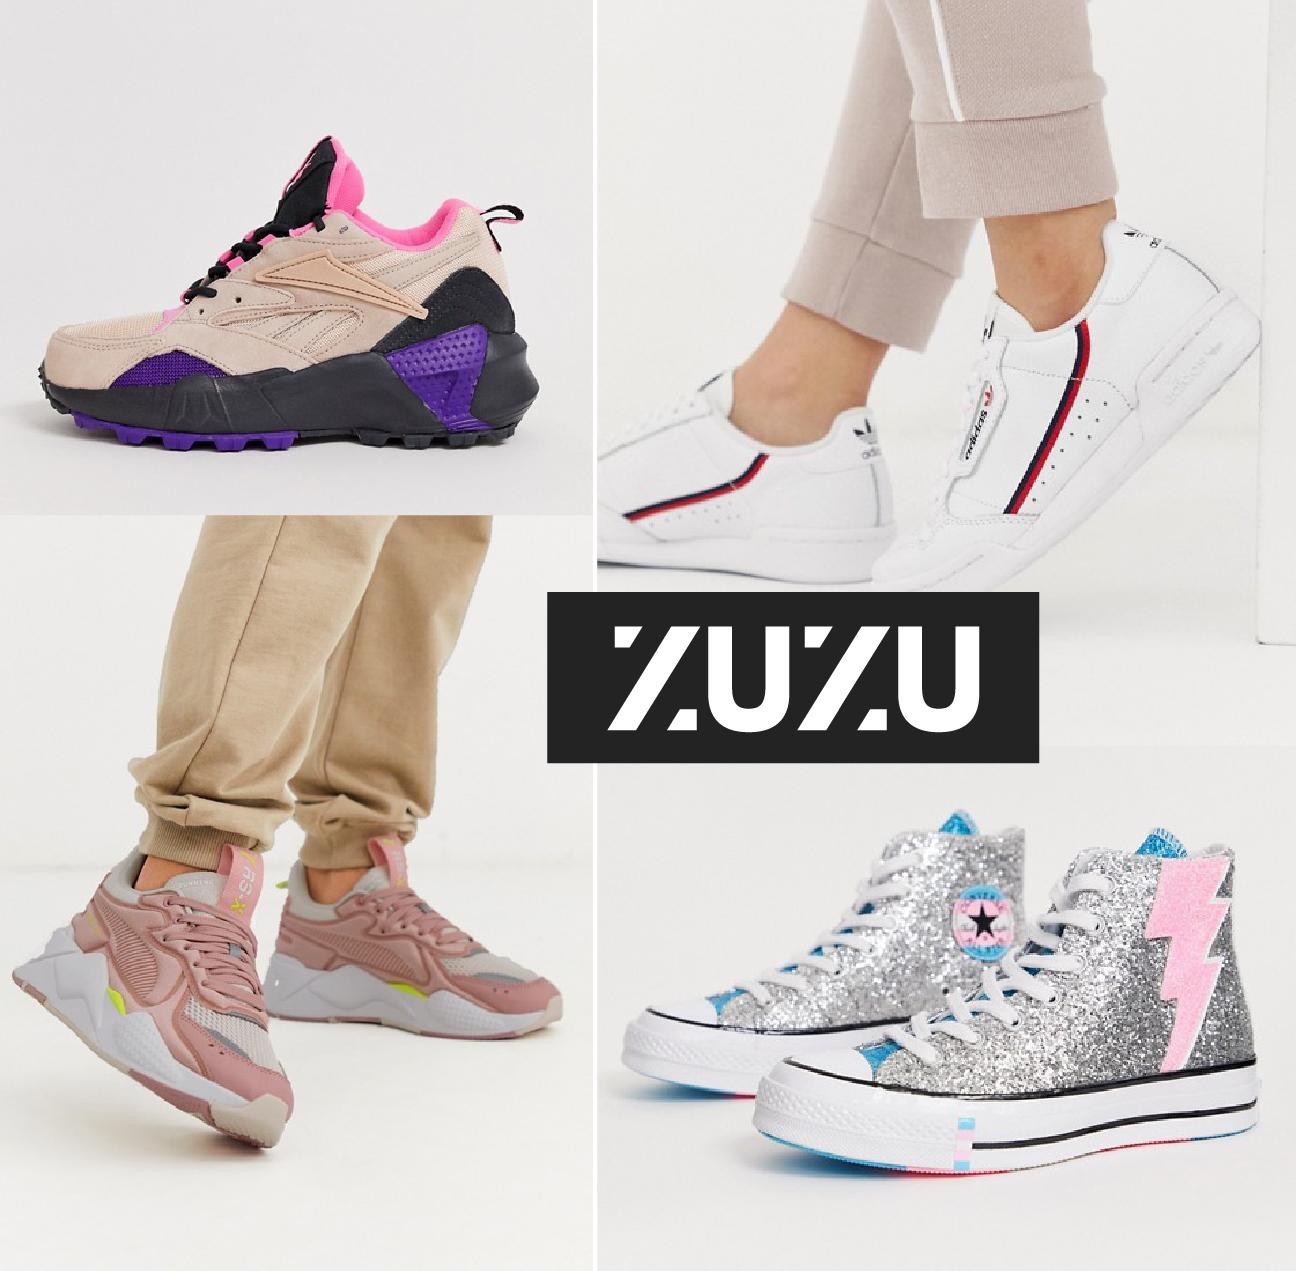 הדיל האהוב עליכן! לקט נעלי נשים מותגים מנצחים במחירים משוגעים!